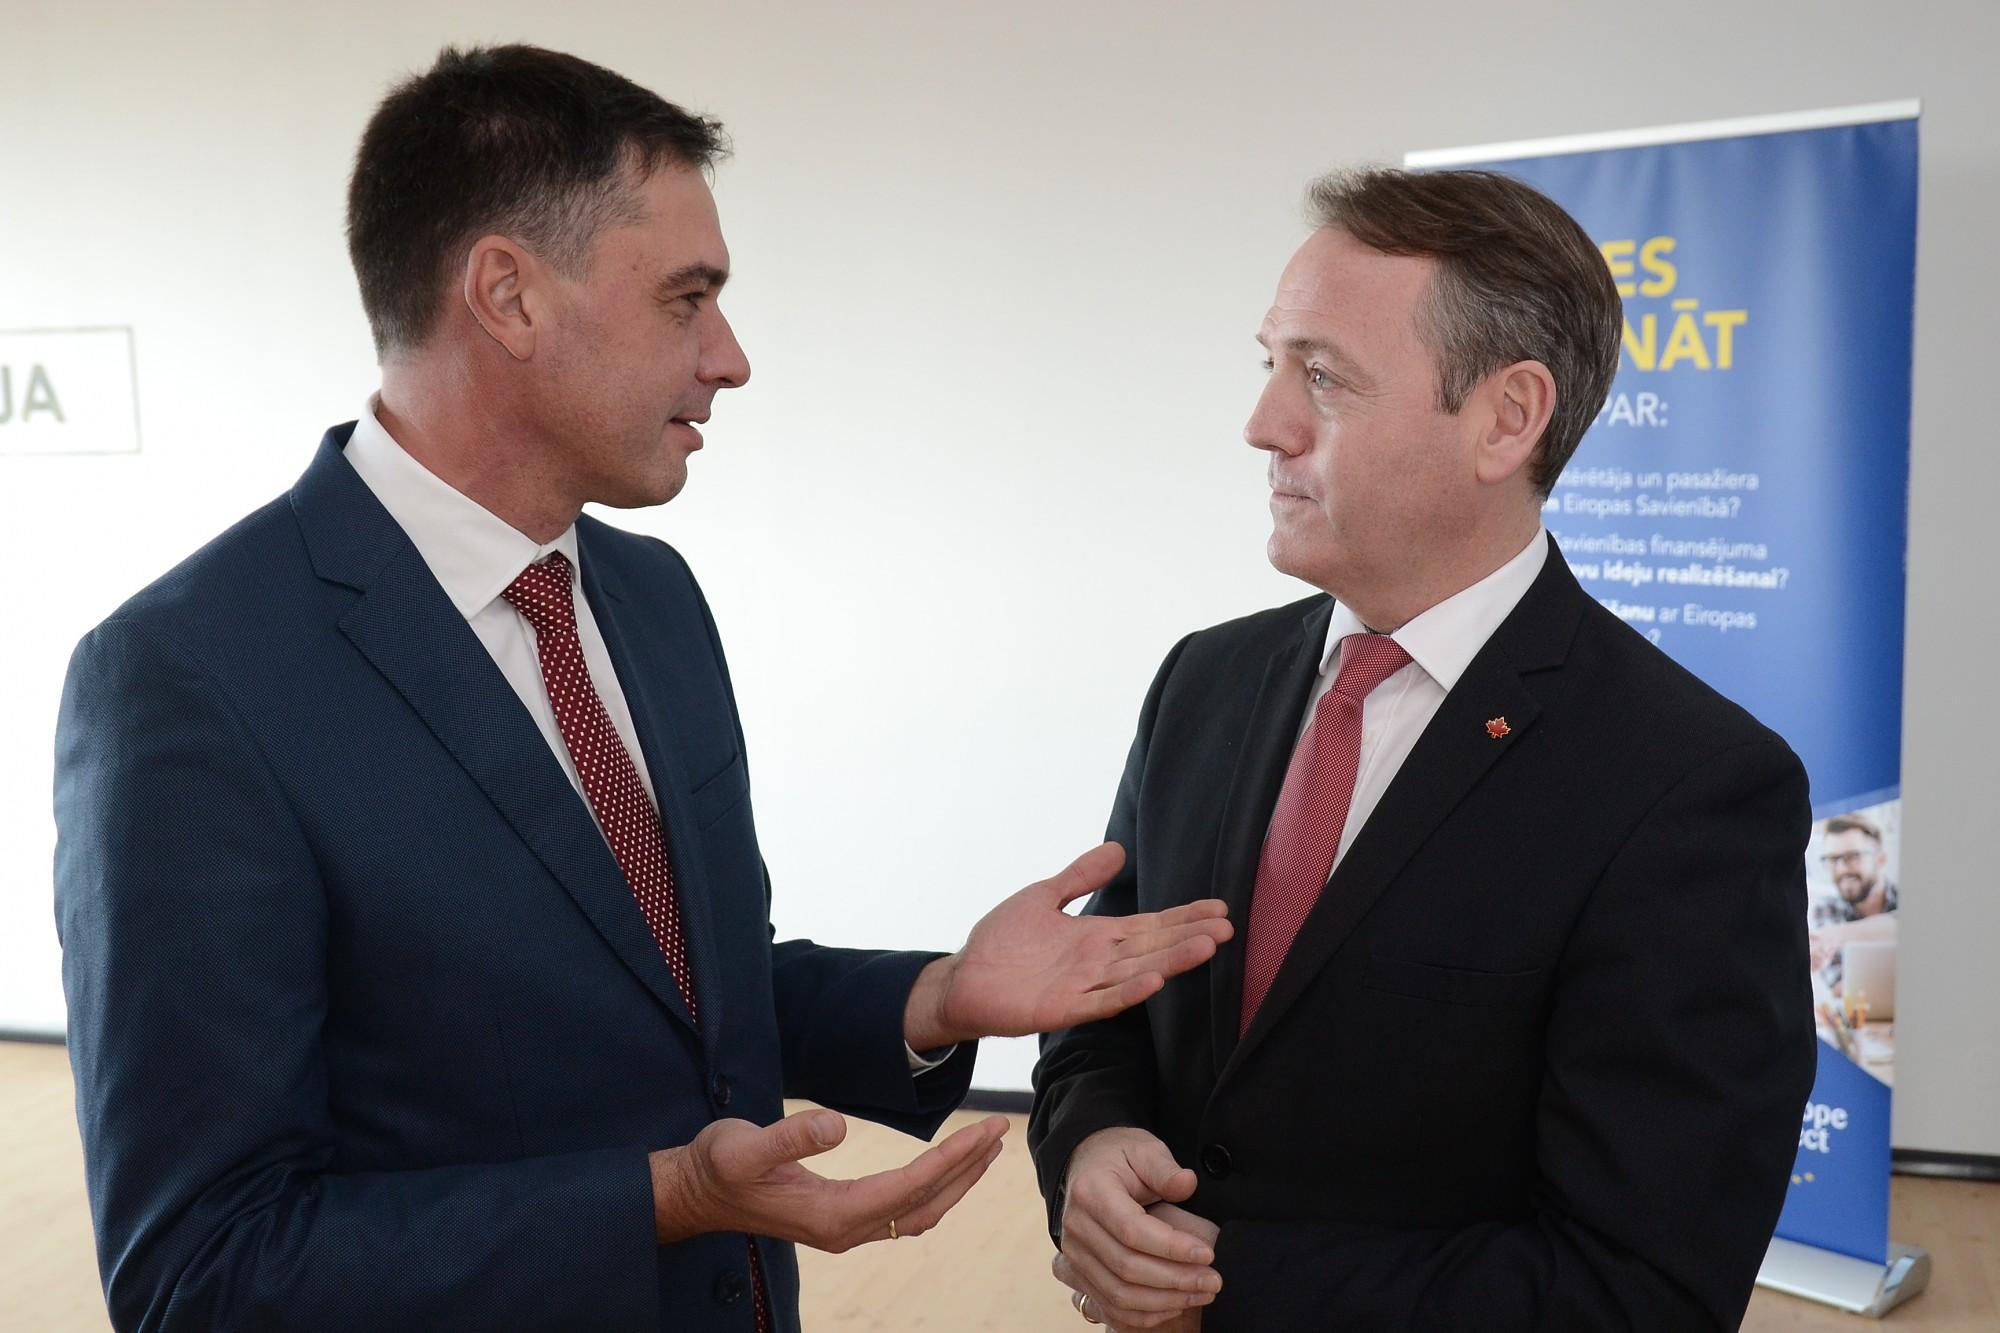 Kanādas vēstnieks Latvijā dalās ar savu brīvprātīgā darba pieredzi